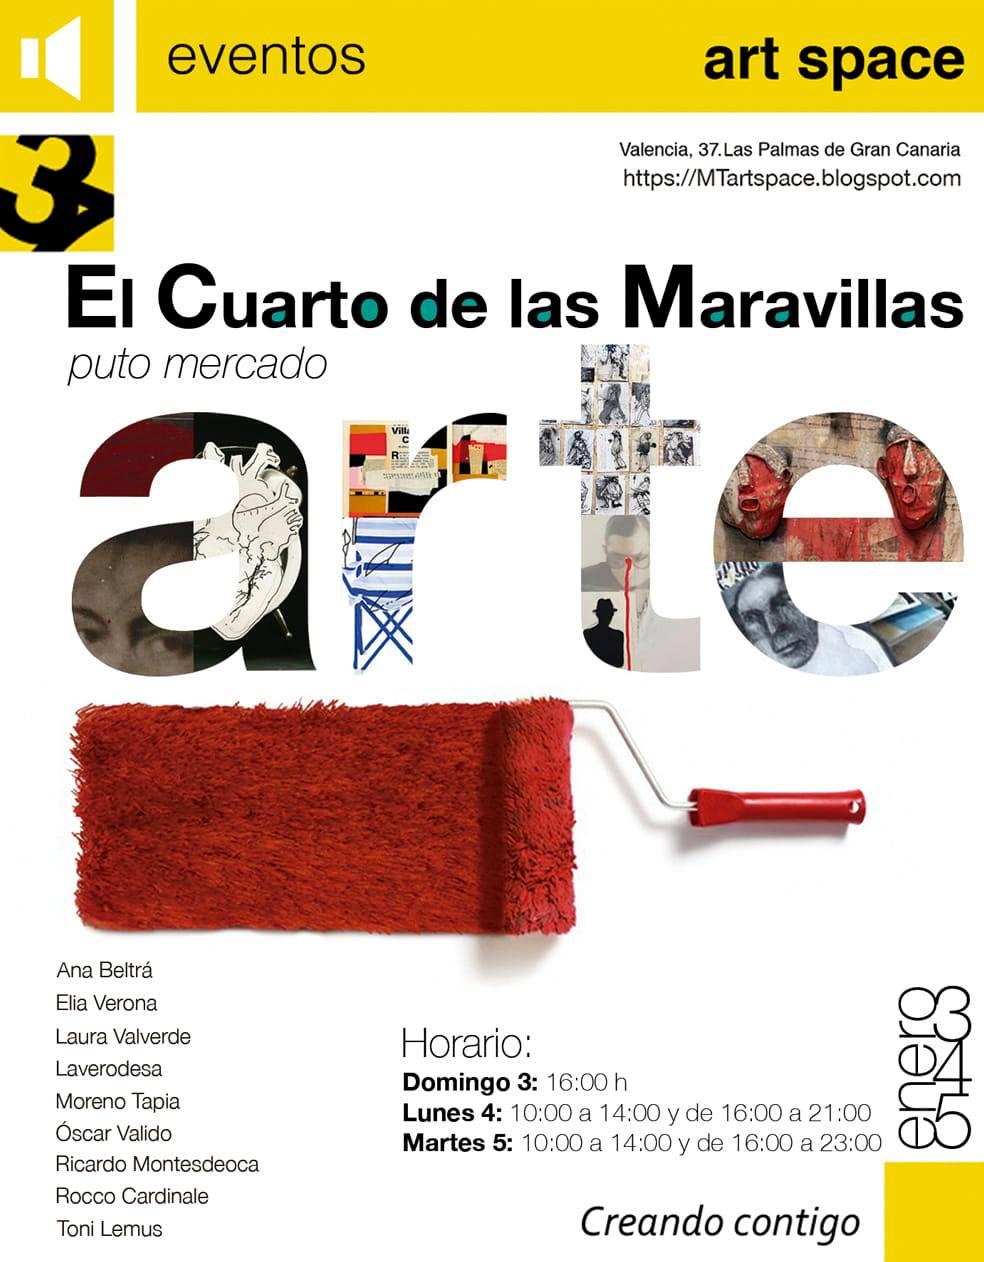 """MTartspace abre sus puertas a una edición de """"El cuarto de las maravillas. Puto mercado del arte"""" los días 3, 4 y 5 de enero. // CanariasCreativa.com"""